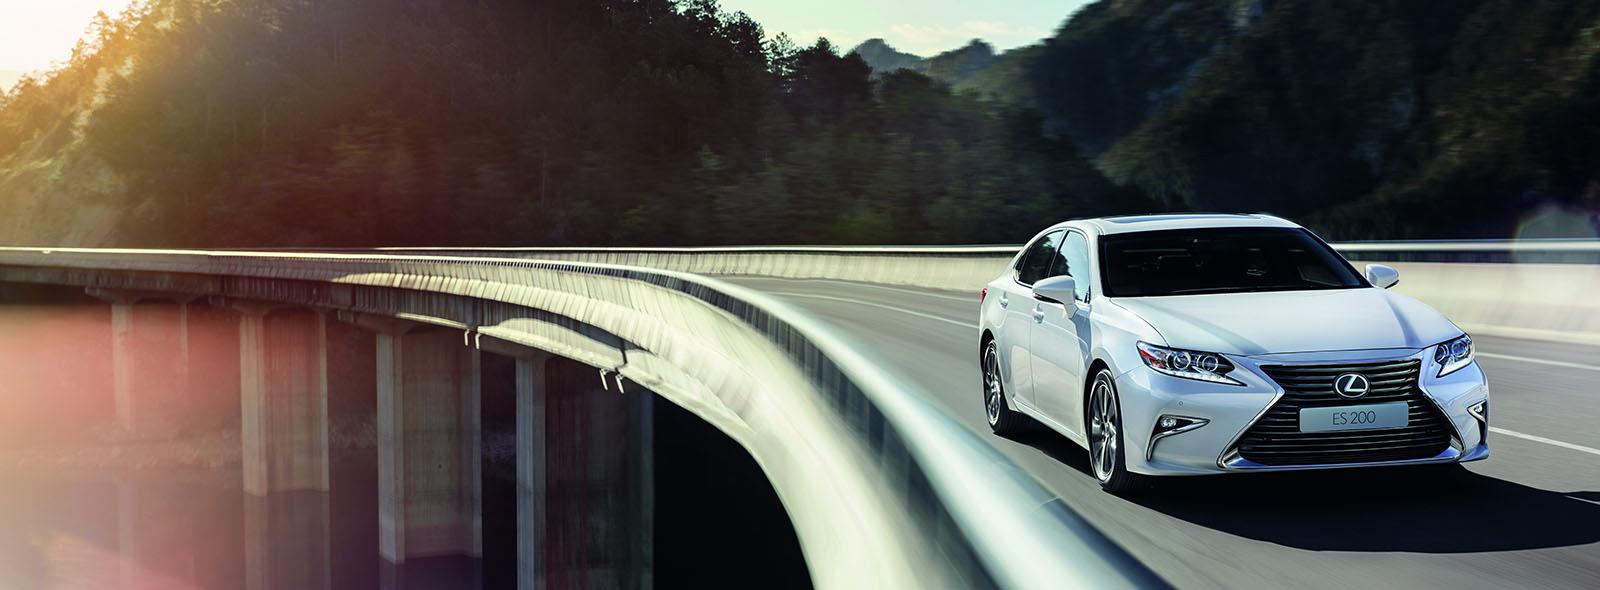 Жемчужно белый Lexus ES 200 в движение на мосту